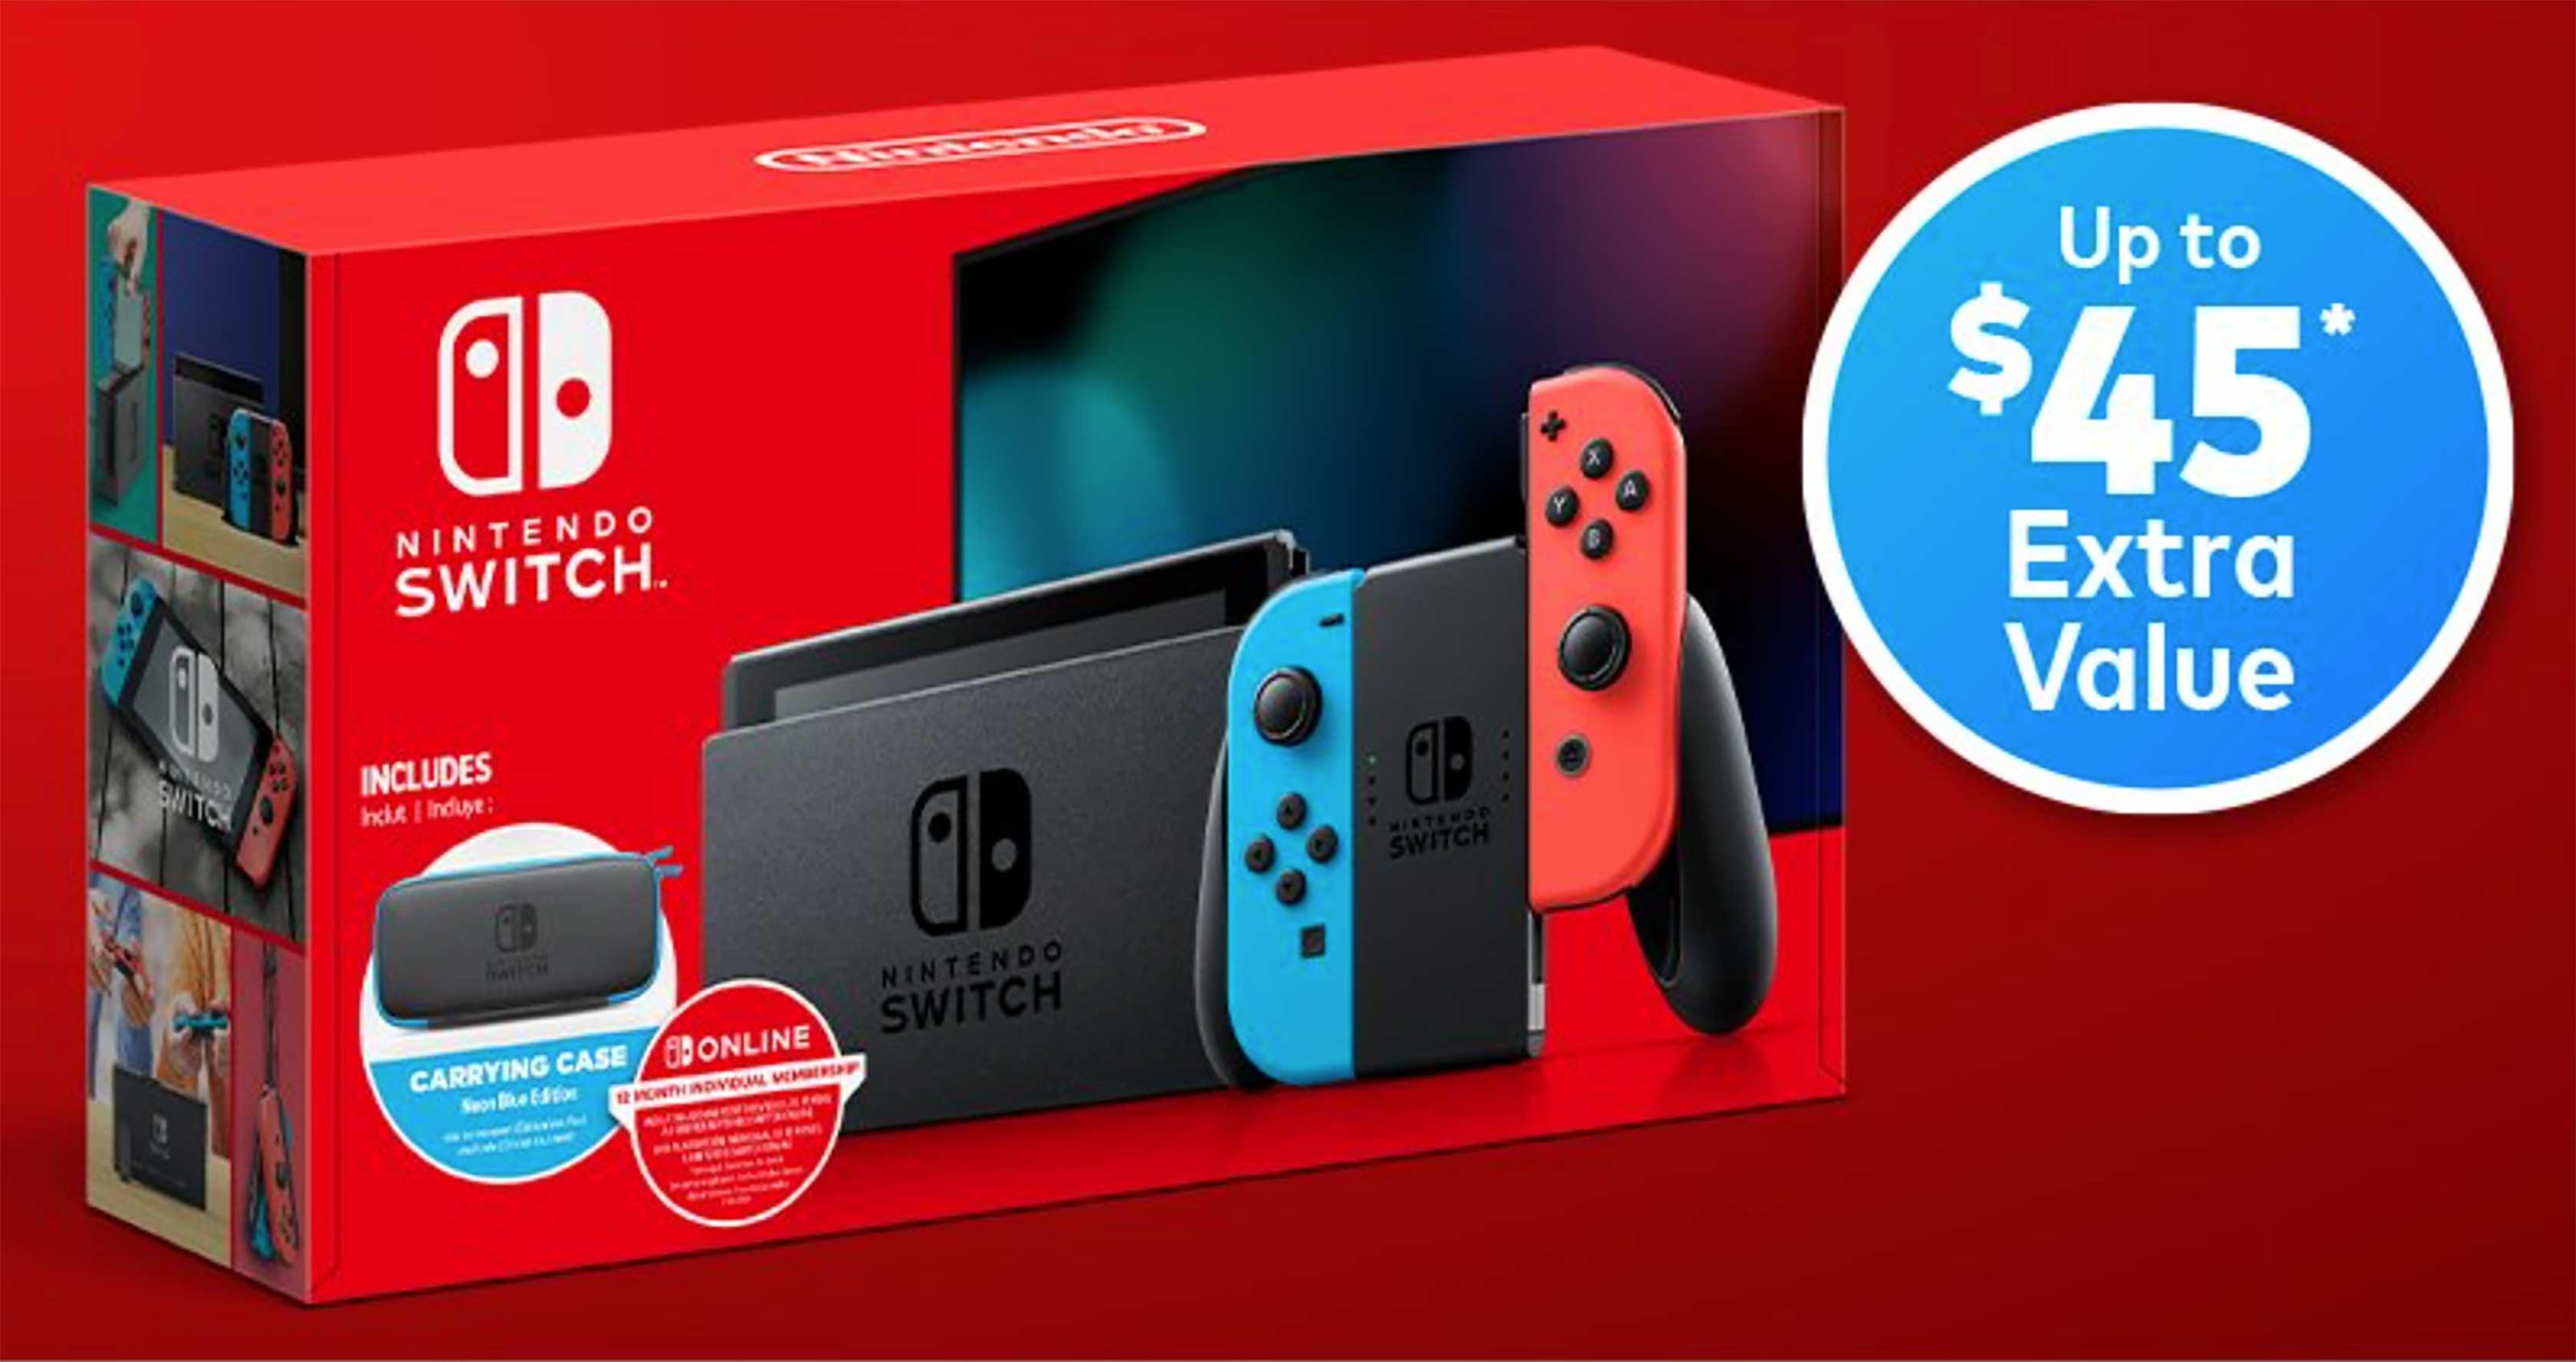 Walmart Canada now selling exclusive Nintendo Switch bundle